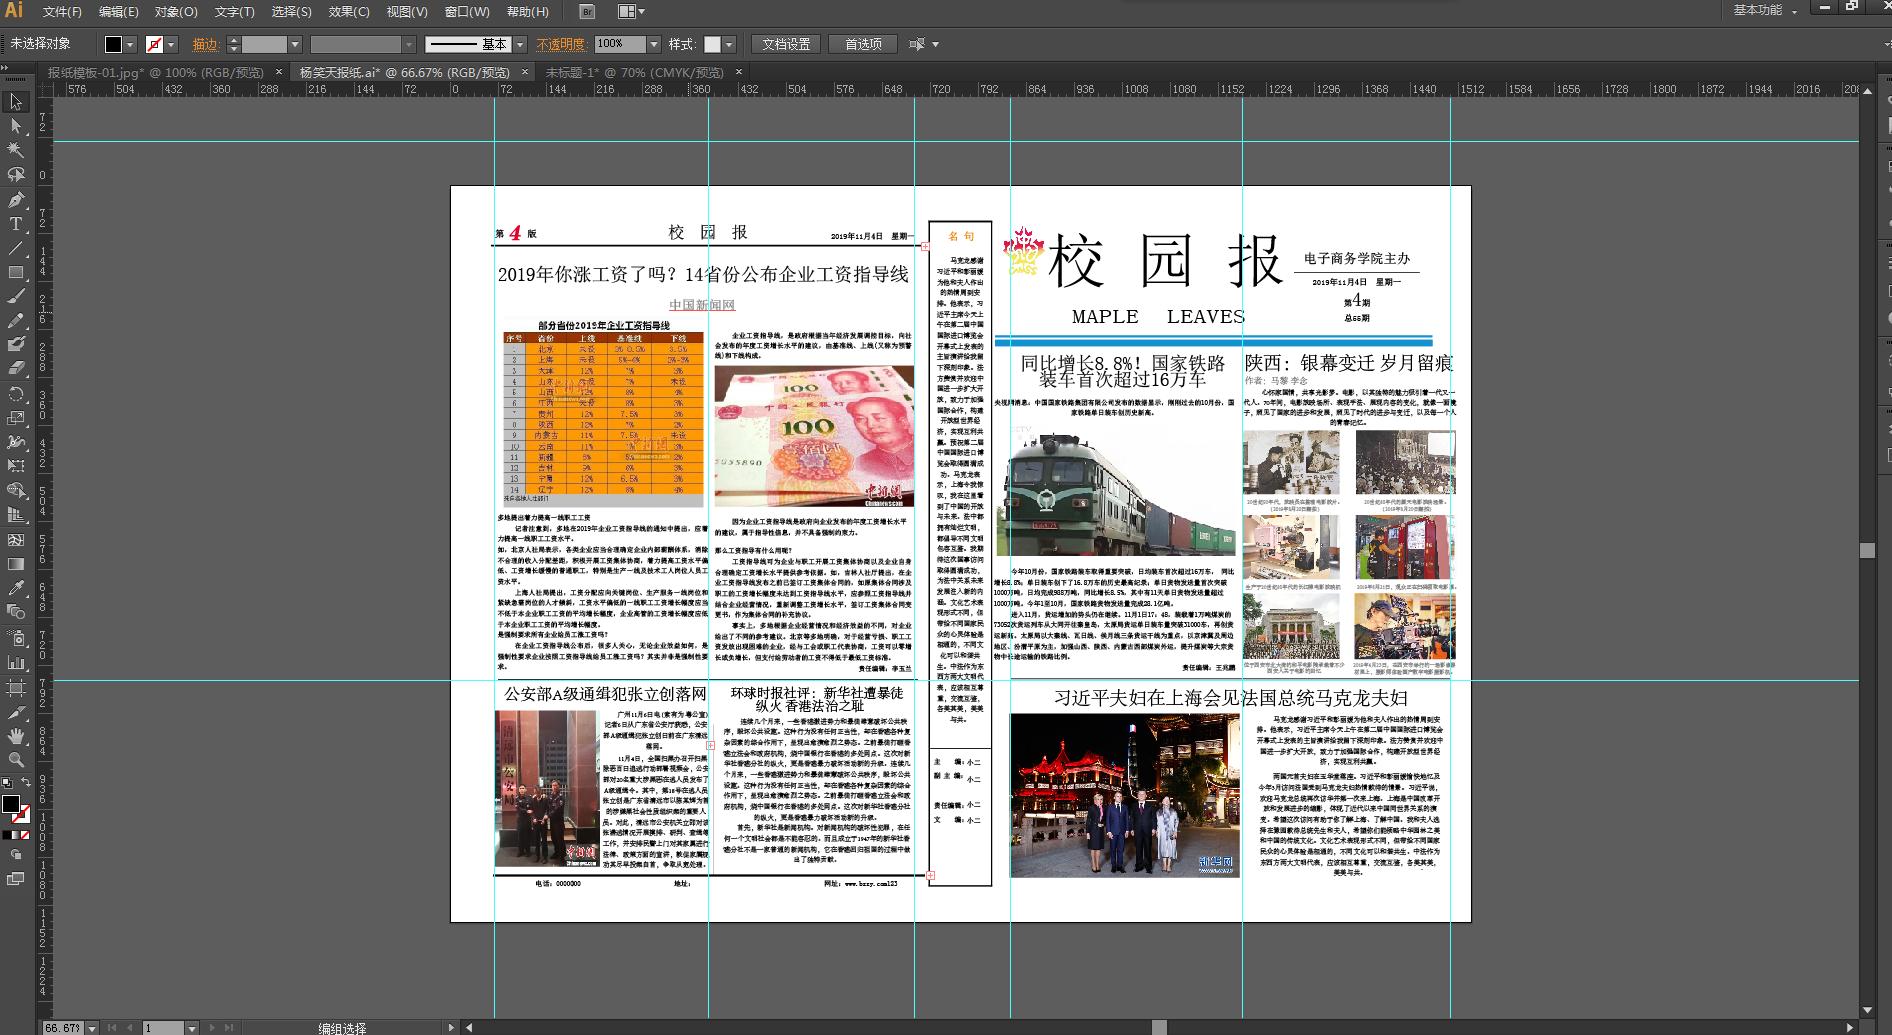 电子报纸用什么软件制作(制作电子报纸的软件和制作流程)